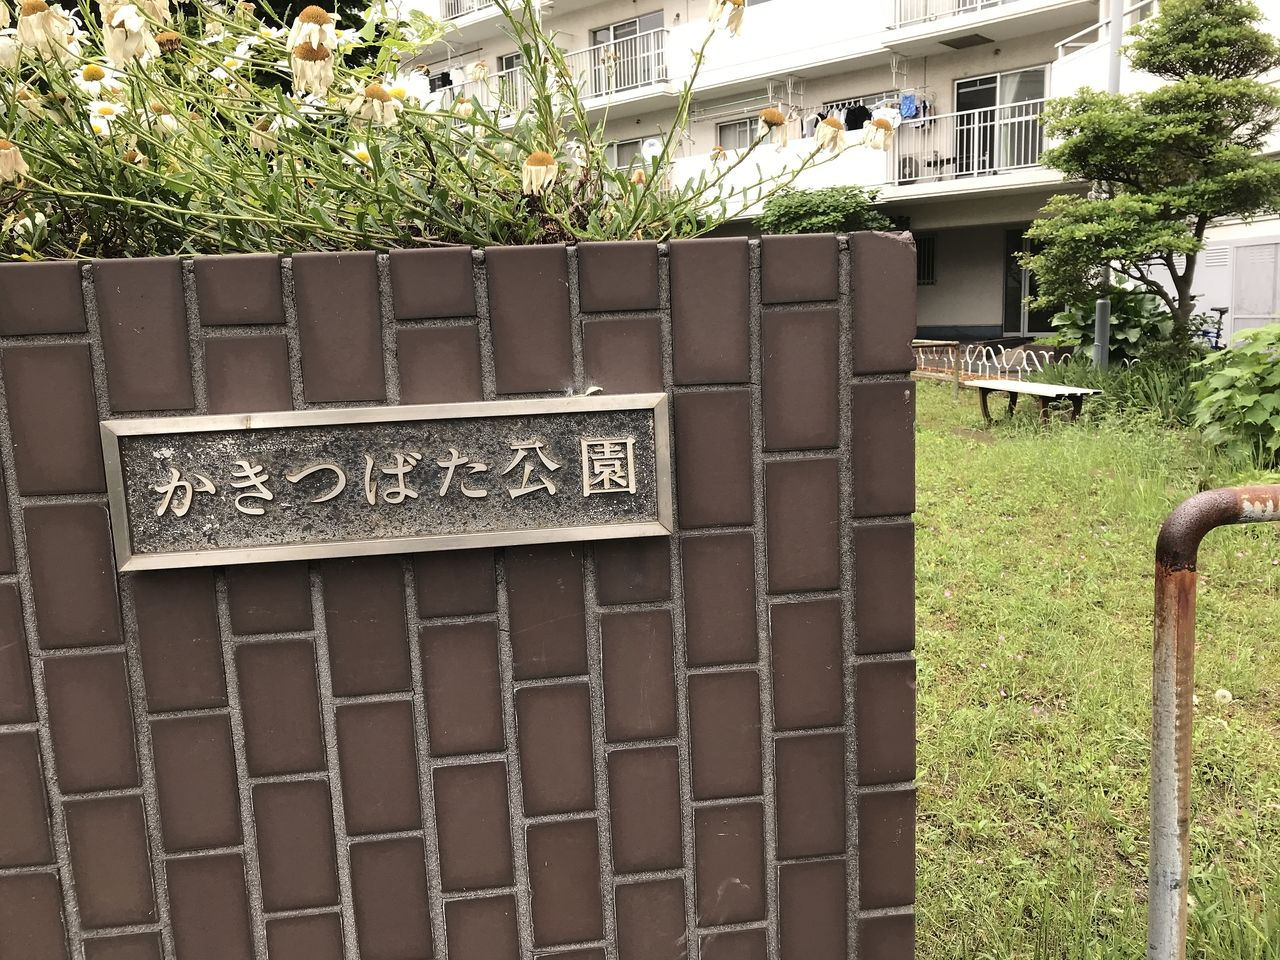 南行徳のかきつばた公園の銘板